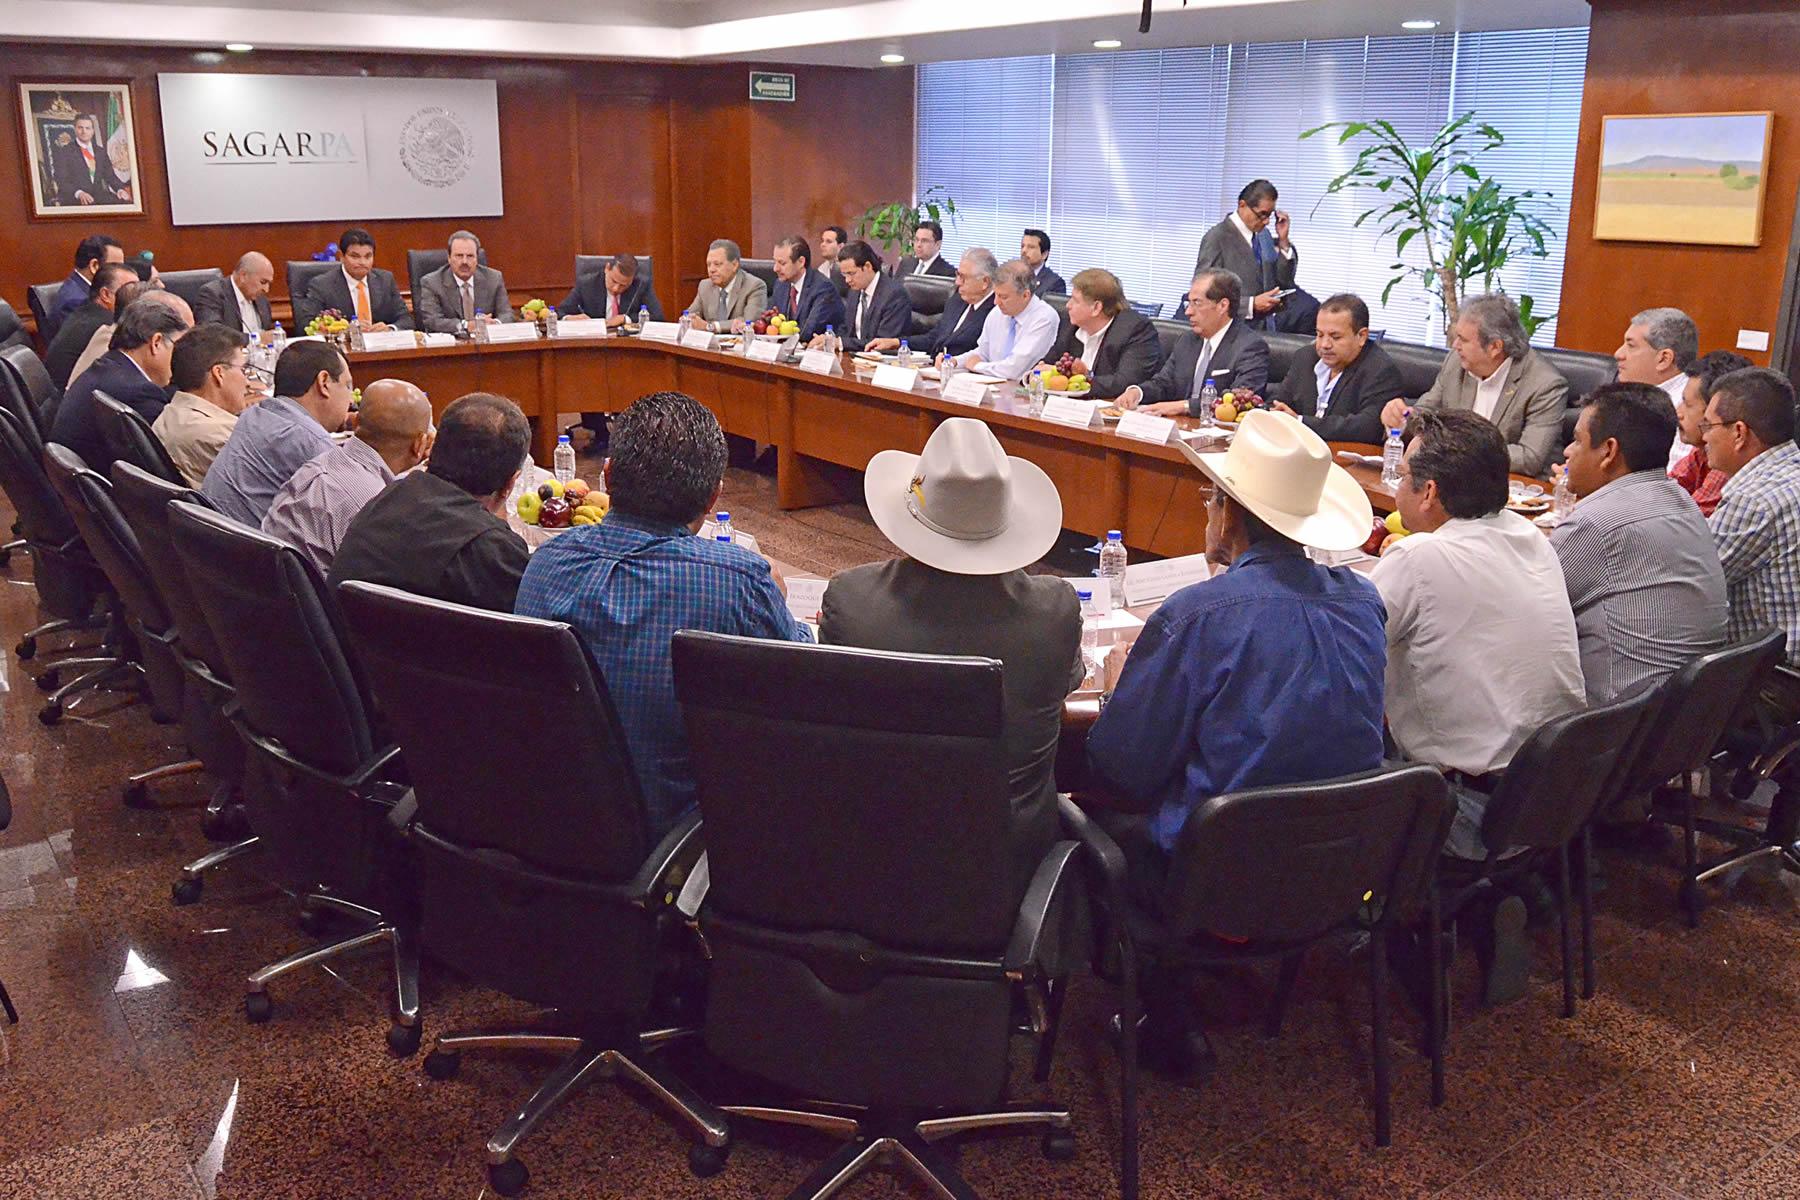 Buscan SAGARPA, gobierno de Sinaloa y productores dar certidumbre a comercialización de maíz.